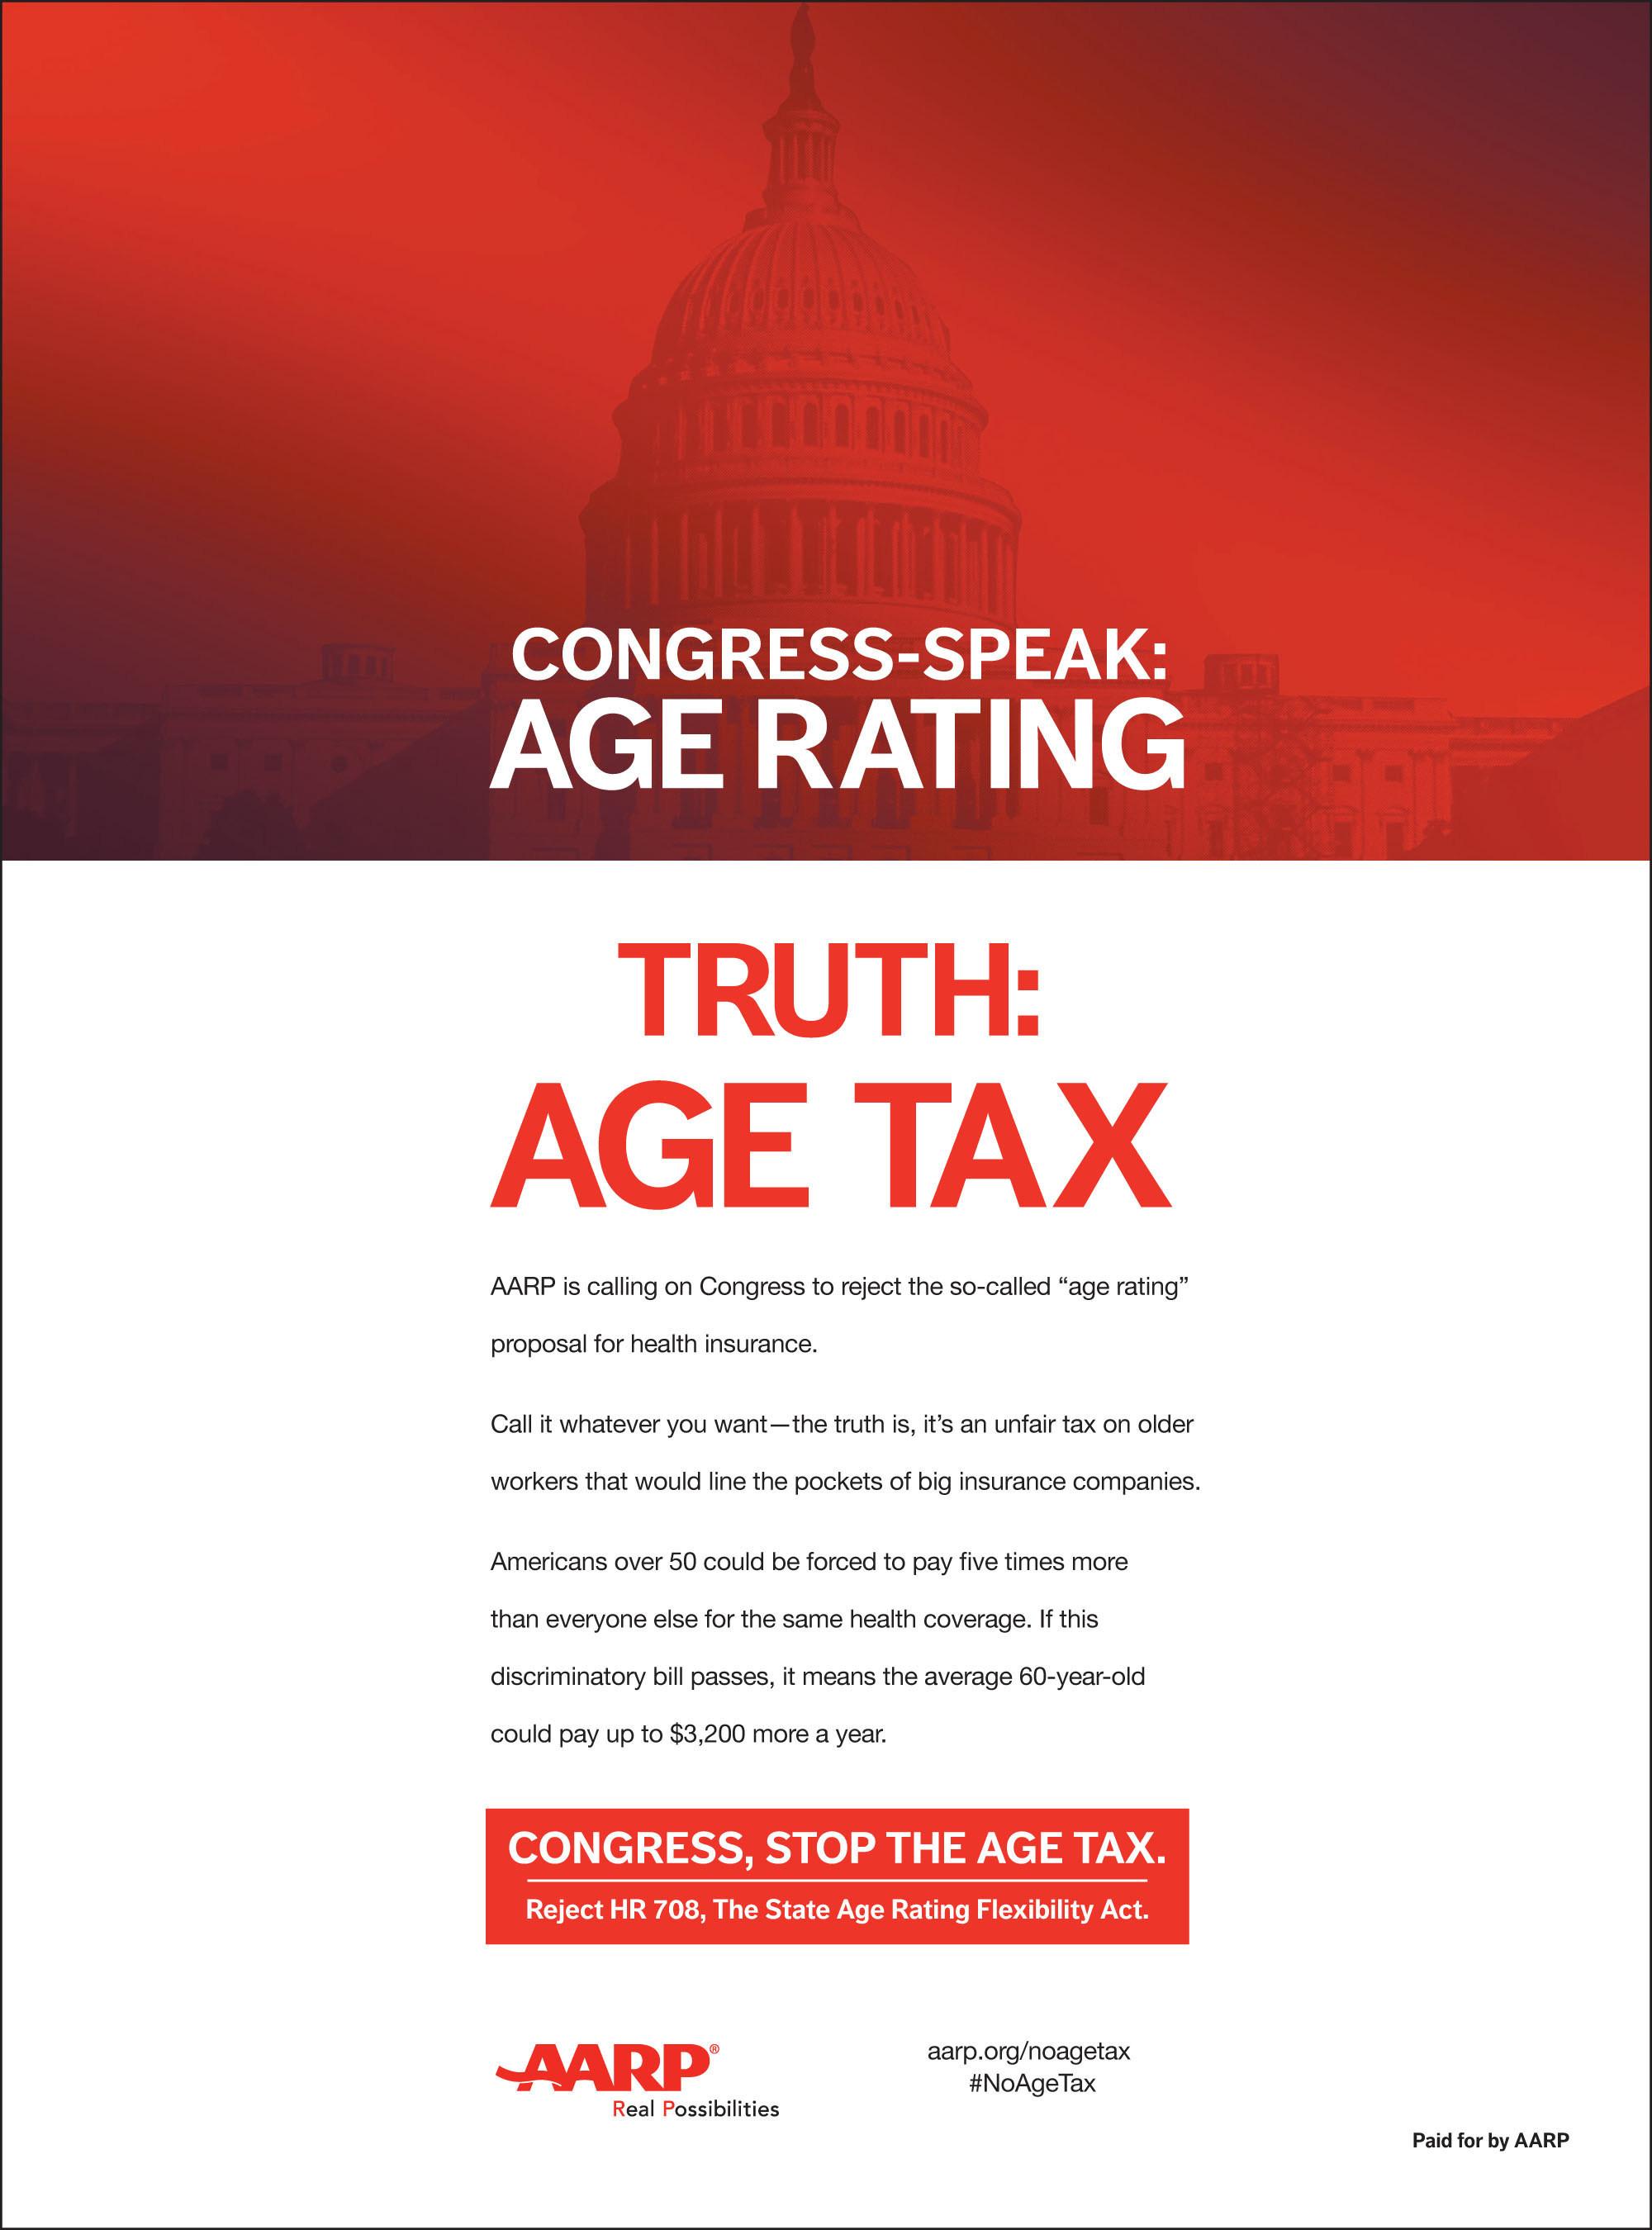 AARP Age Tax Ad